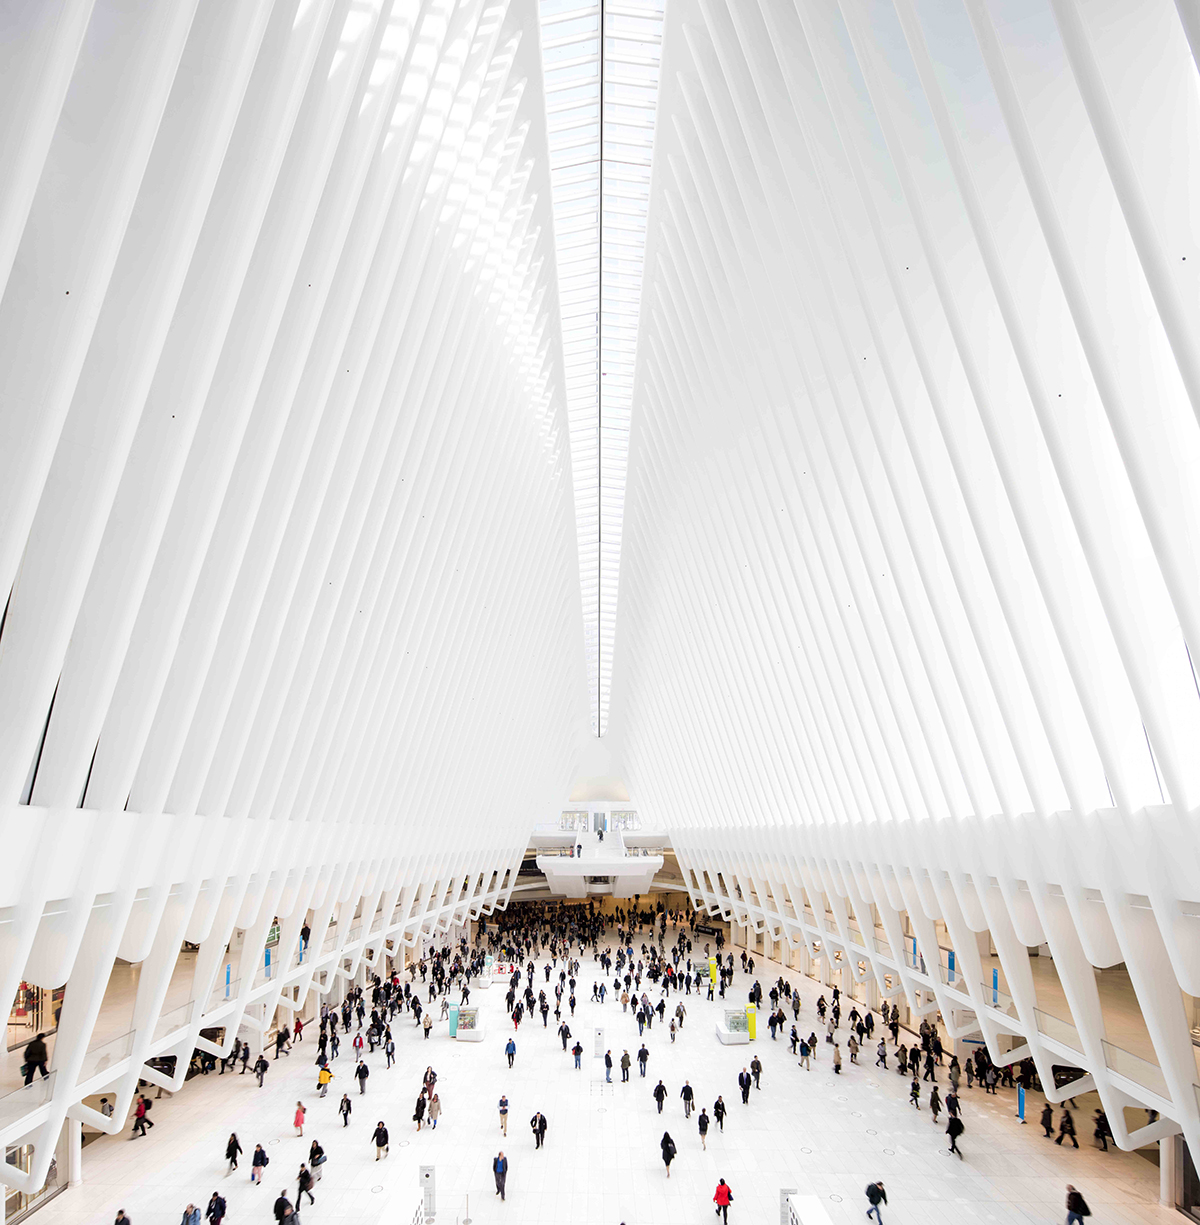 The World Trade Centre Oculus / Santiago Calatrava